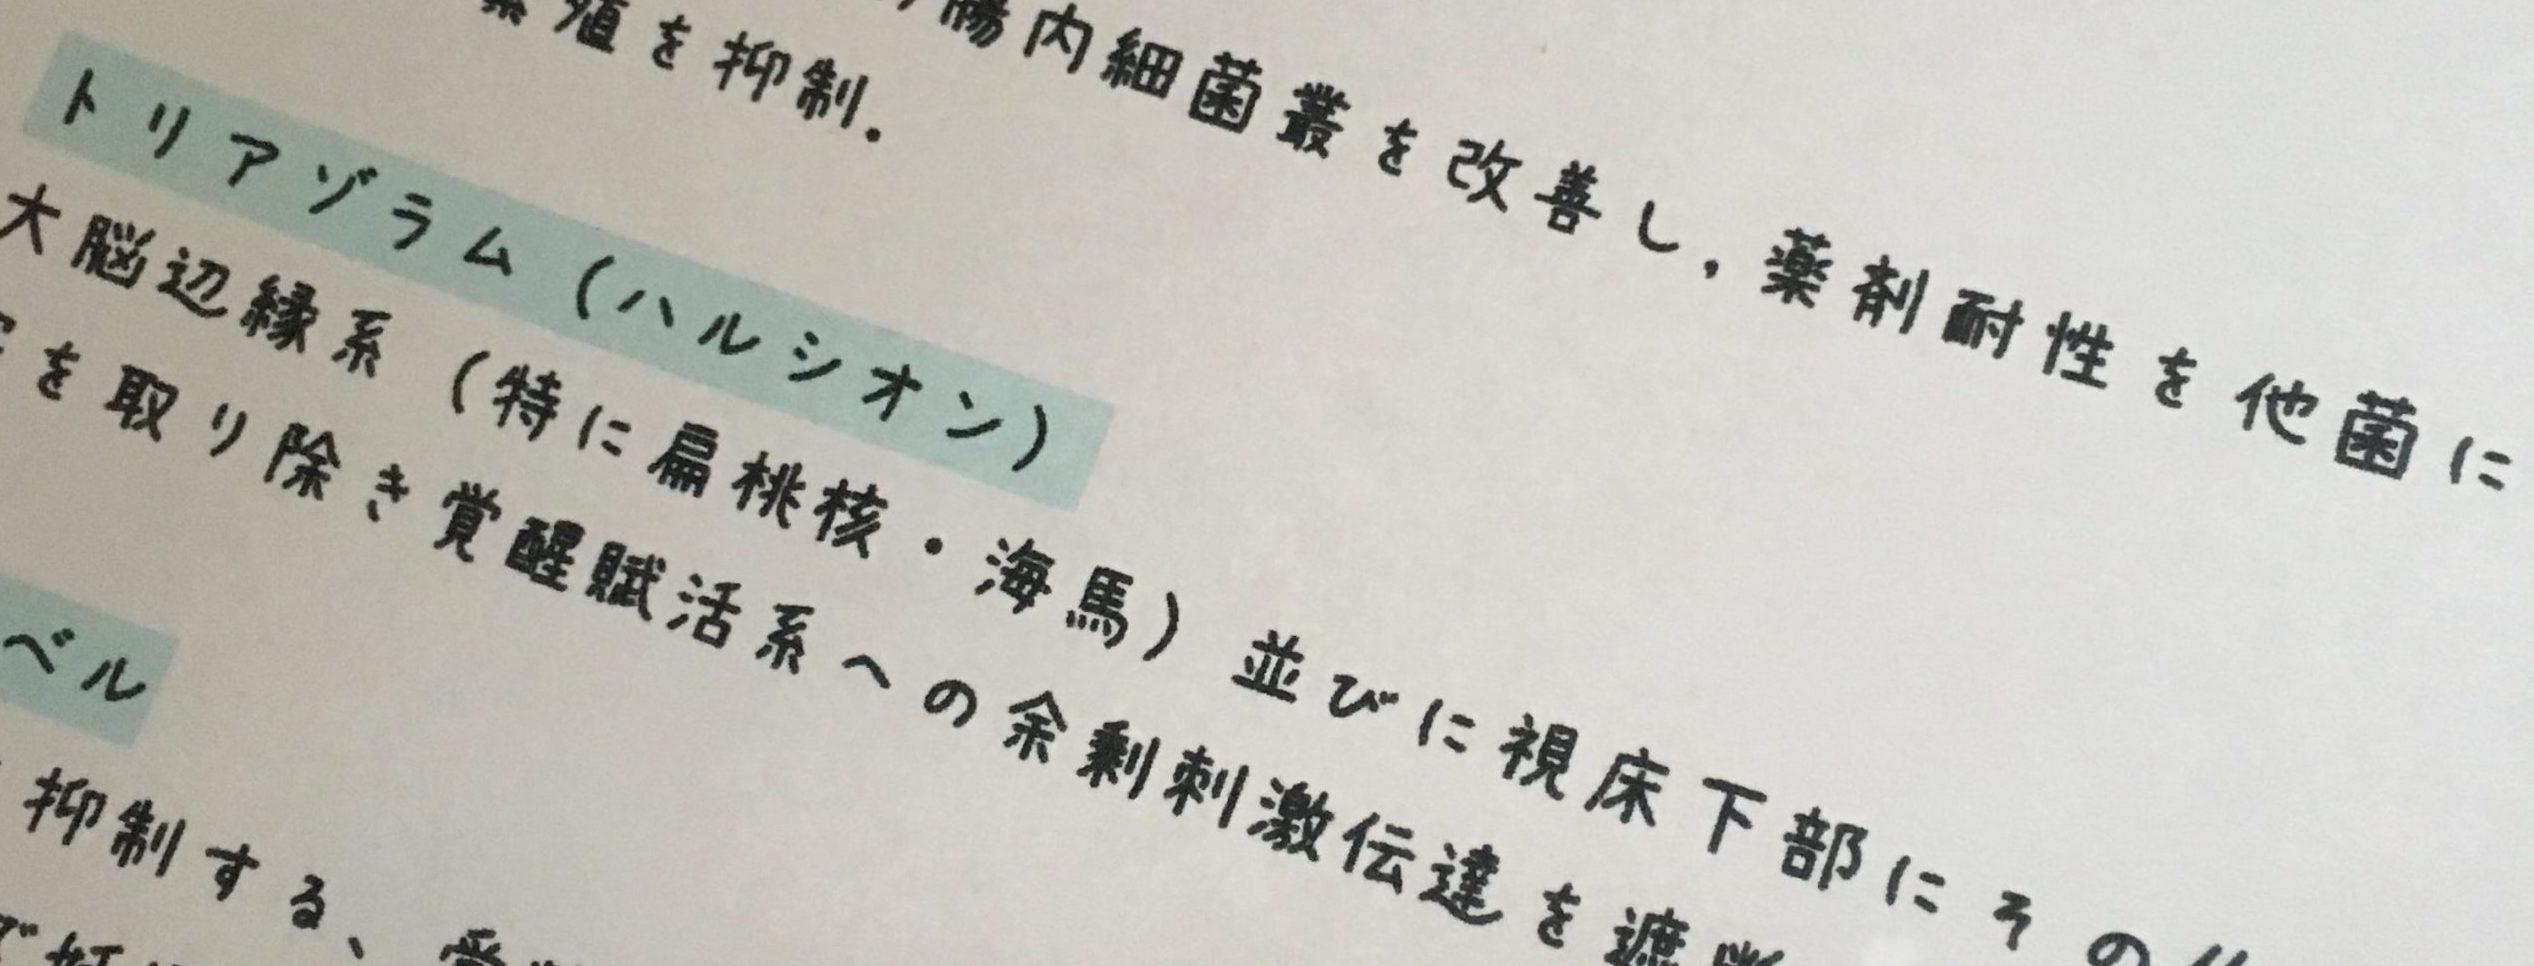 あんず文字で書かれたノート